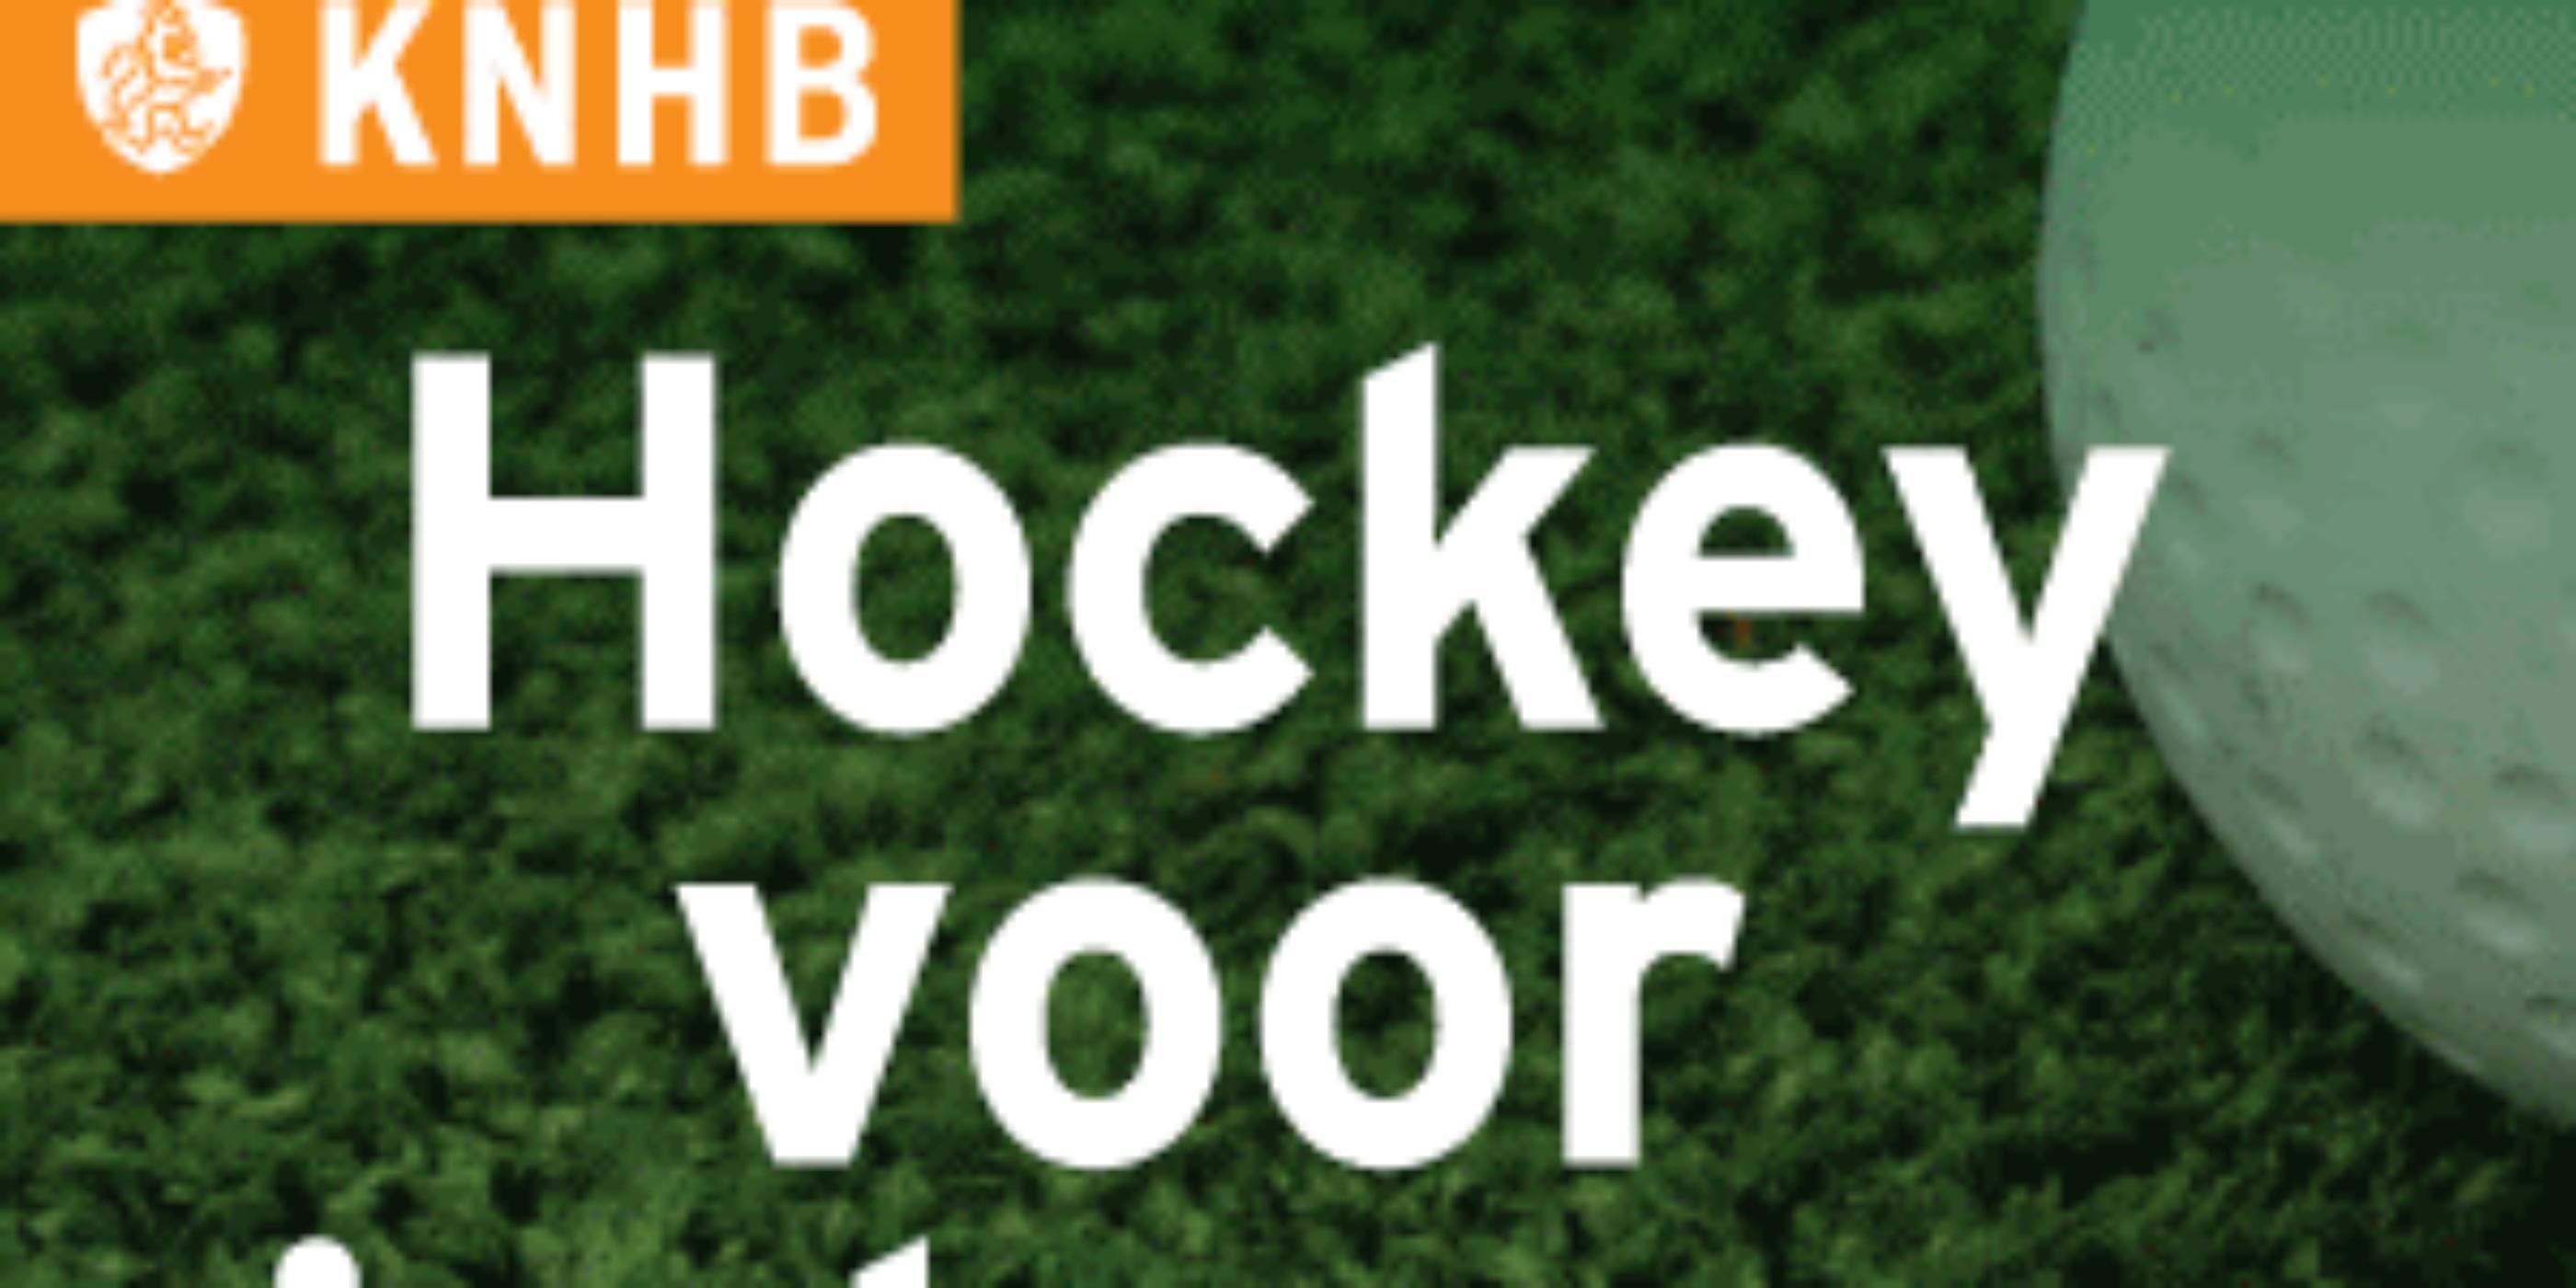 Sportiviteit & Respect campagne 'Hockey voor iedereen' gelanceerd